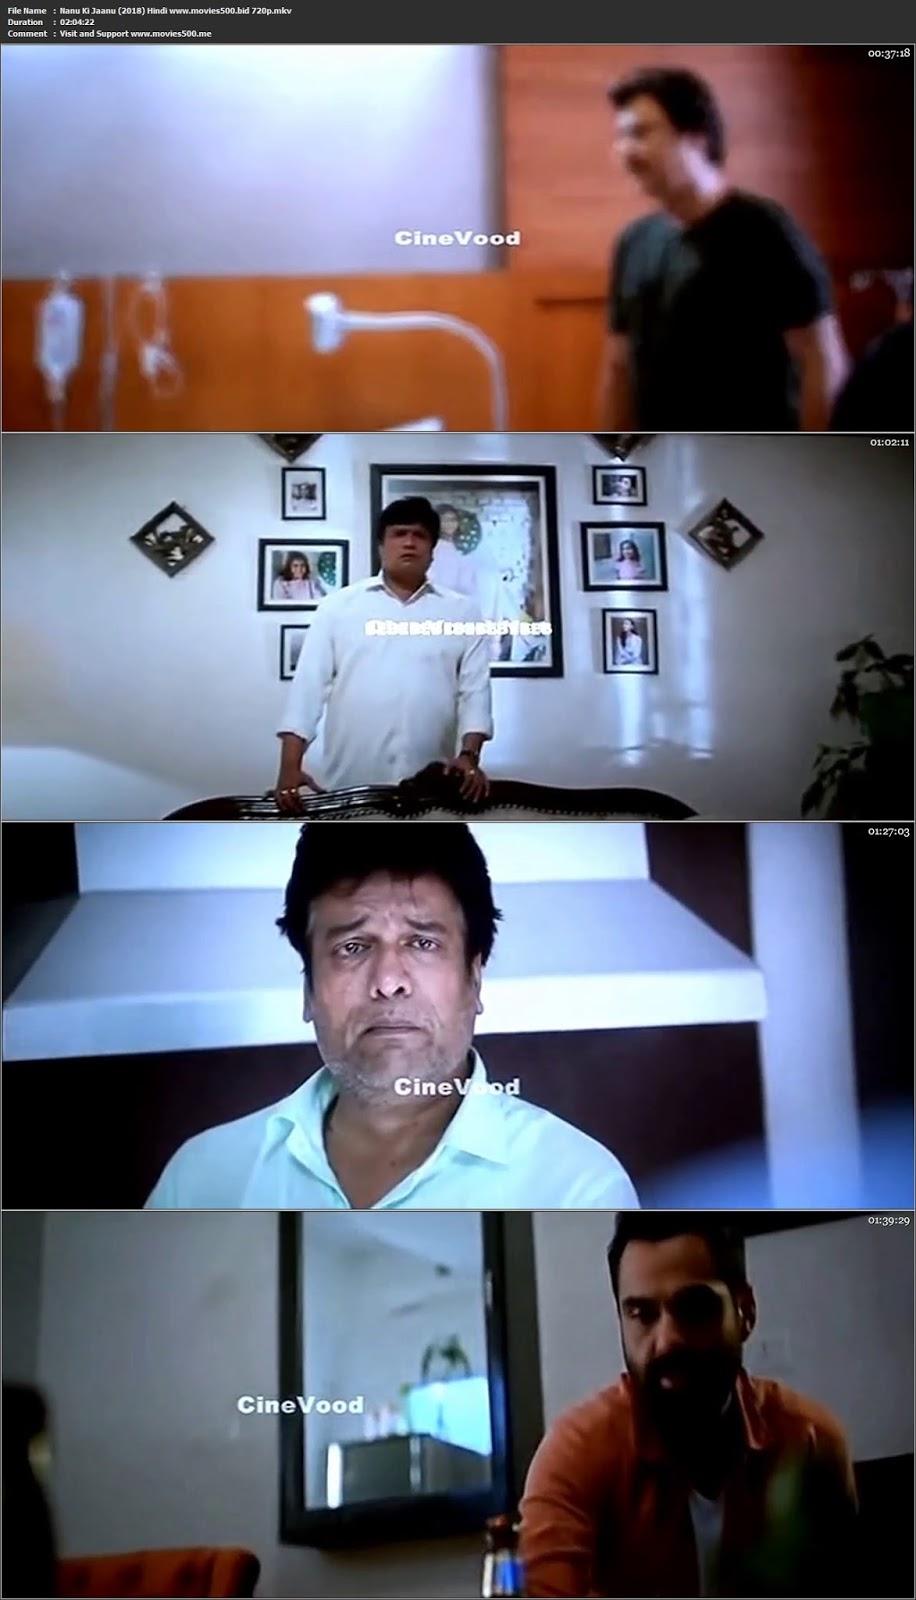 Nanu Ki Jaanu 2018 Hindi Full Movie pDVDRip 720p at teelaunch.co.uk